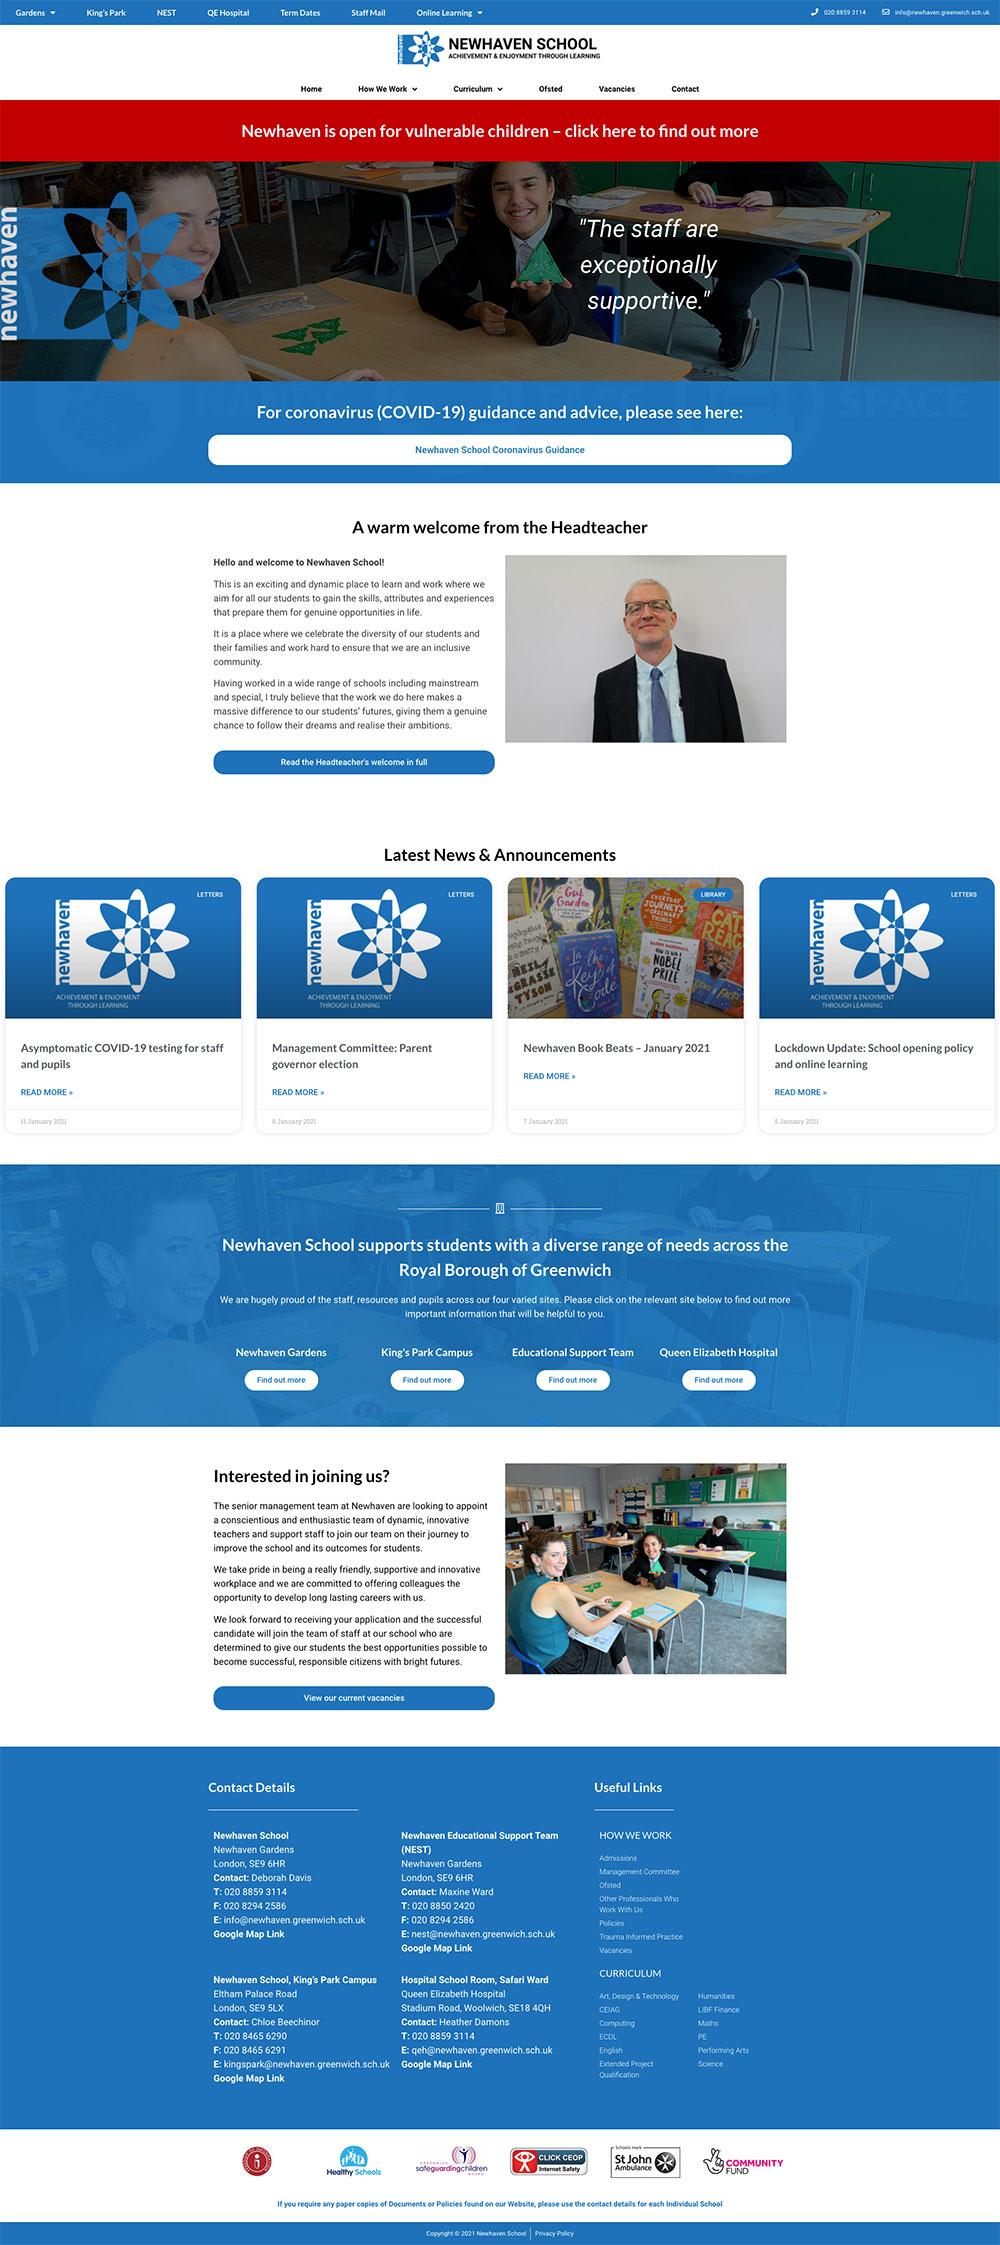 newhaven school website